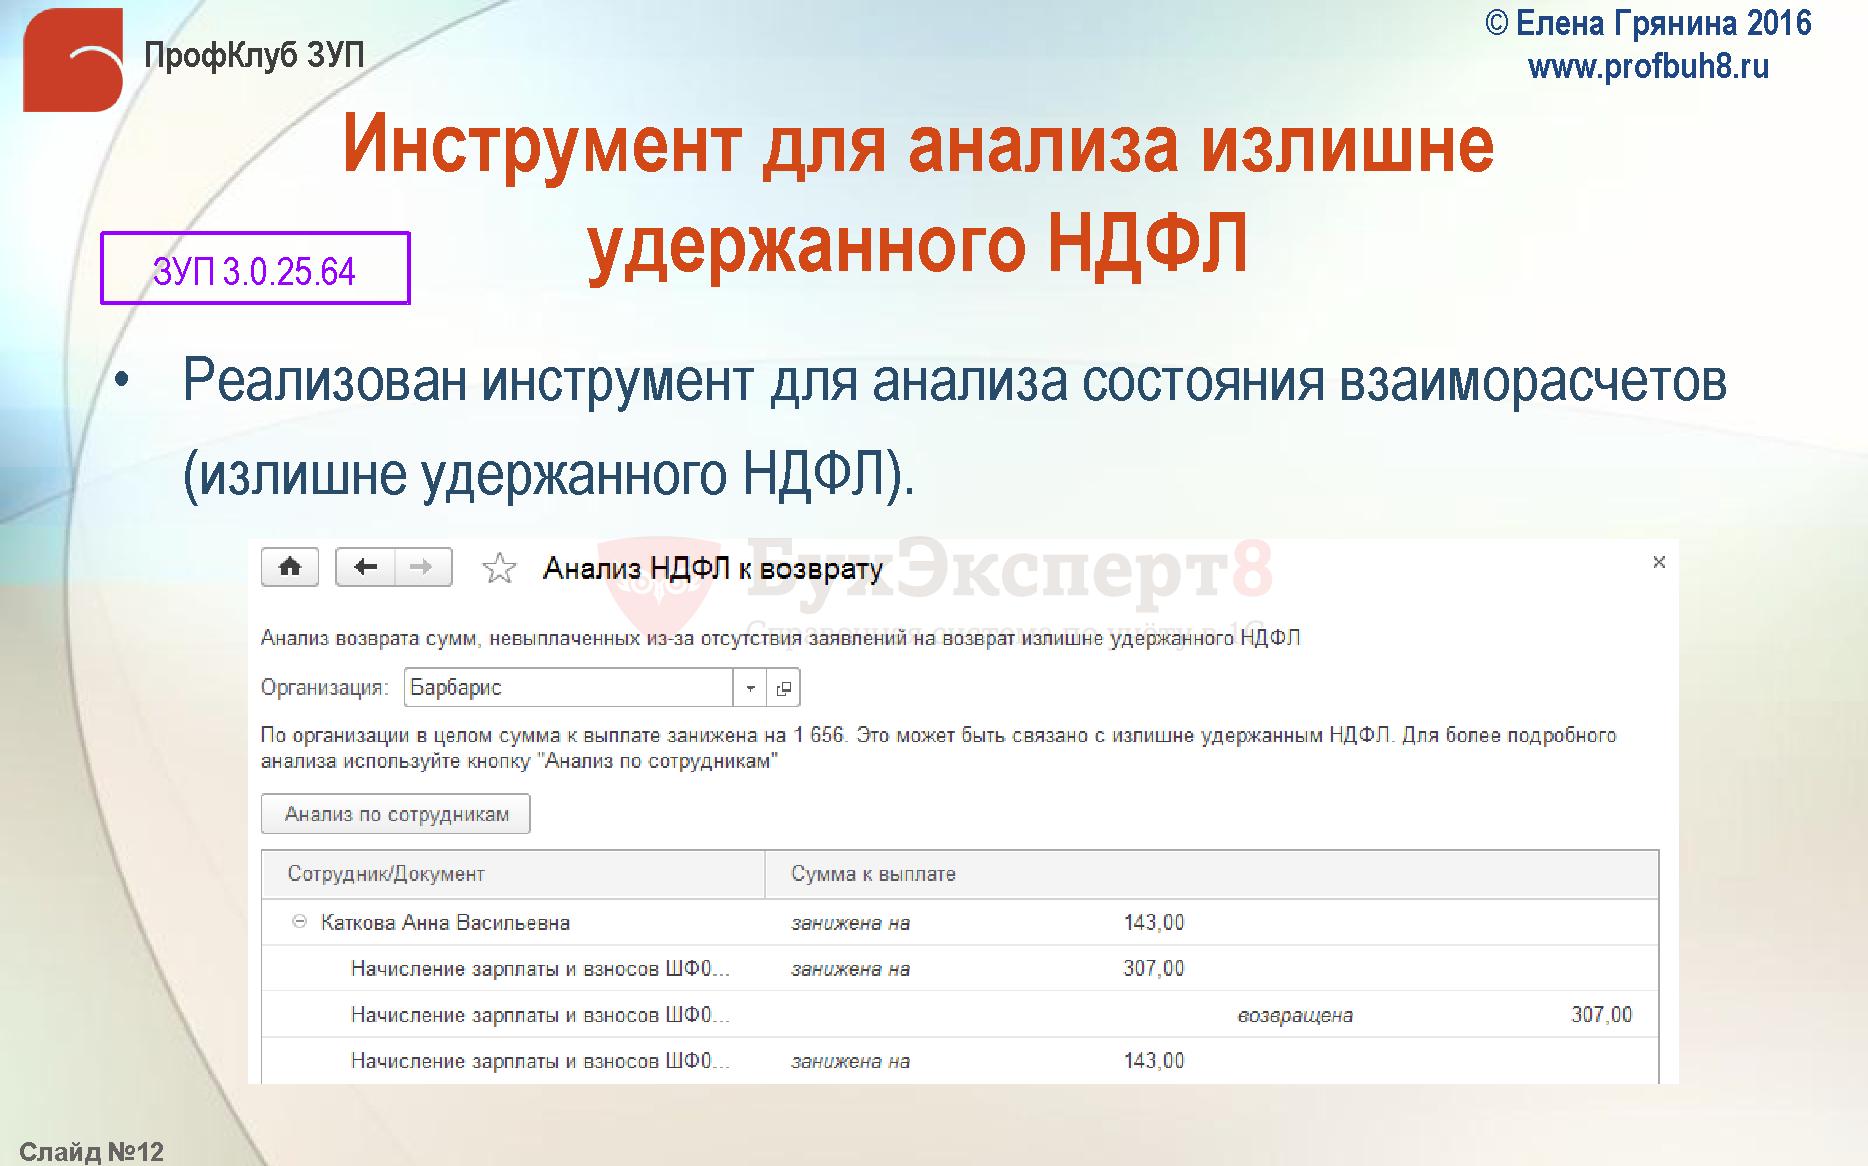 Инструмент для анализа излишне удержанного НДФЛ Реализован инструмент для анализа состояния взаиморасчетов (излишне удержанного НДФЛ) ЗУП 3.0.25.64